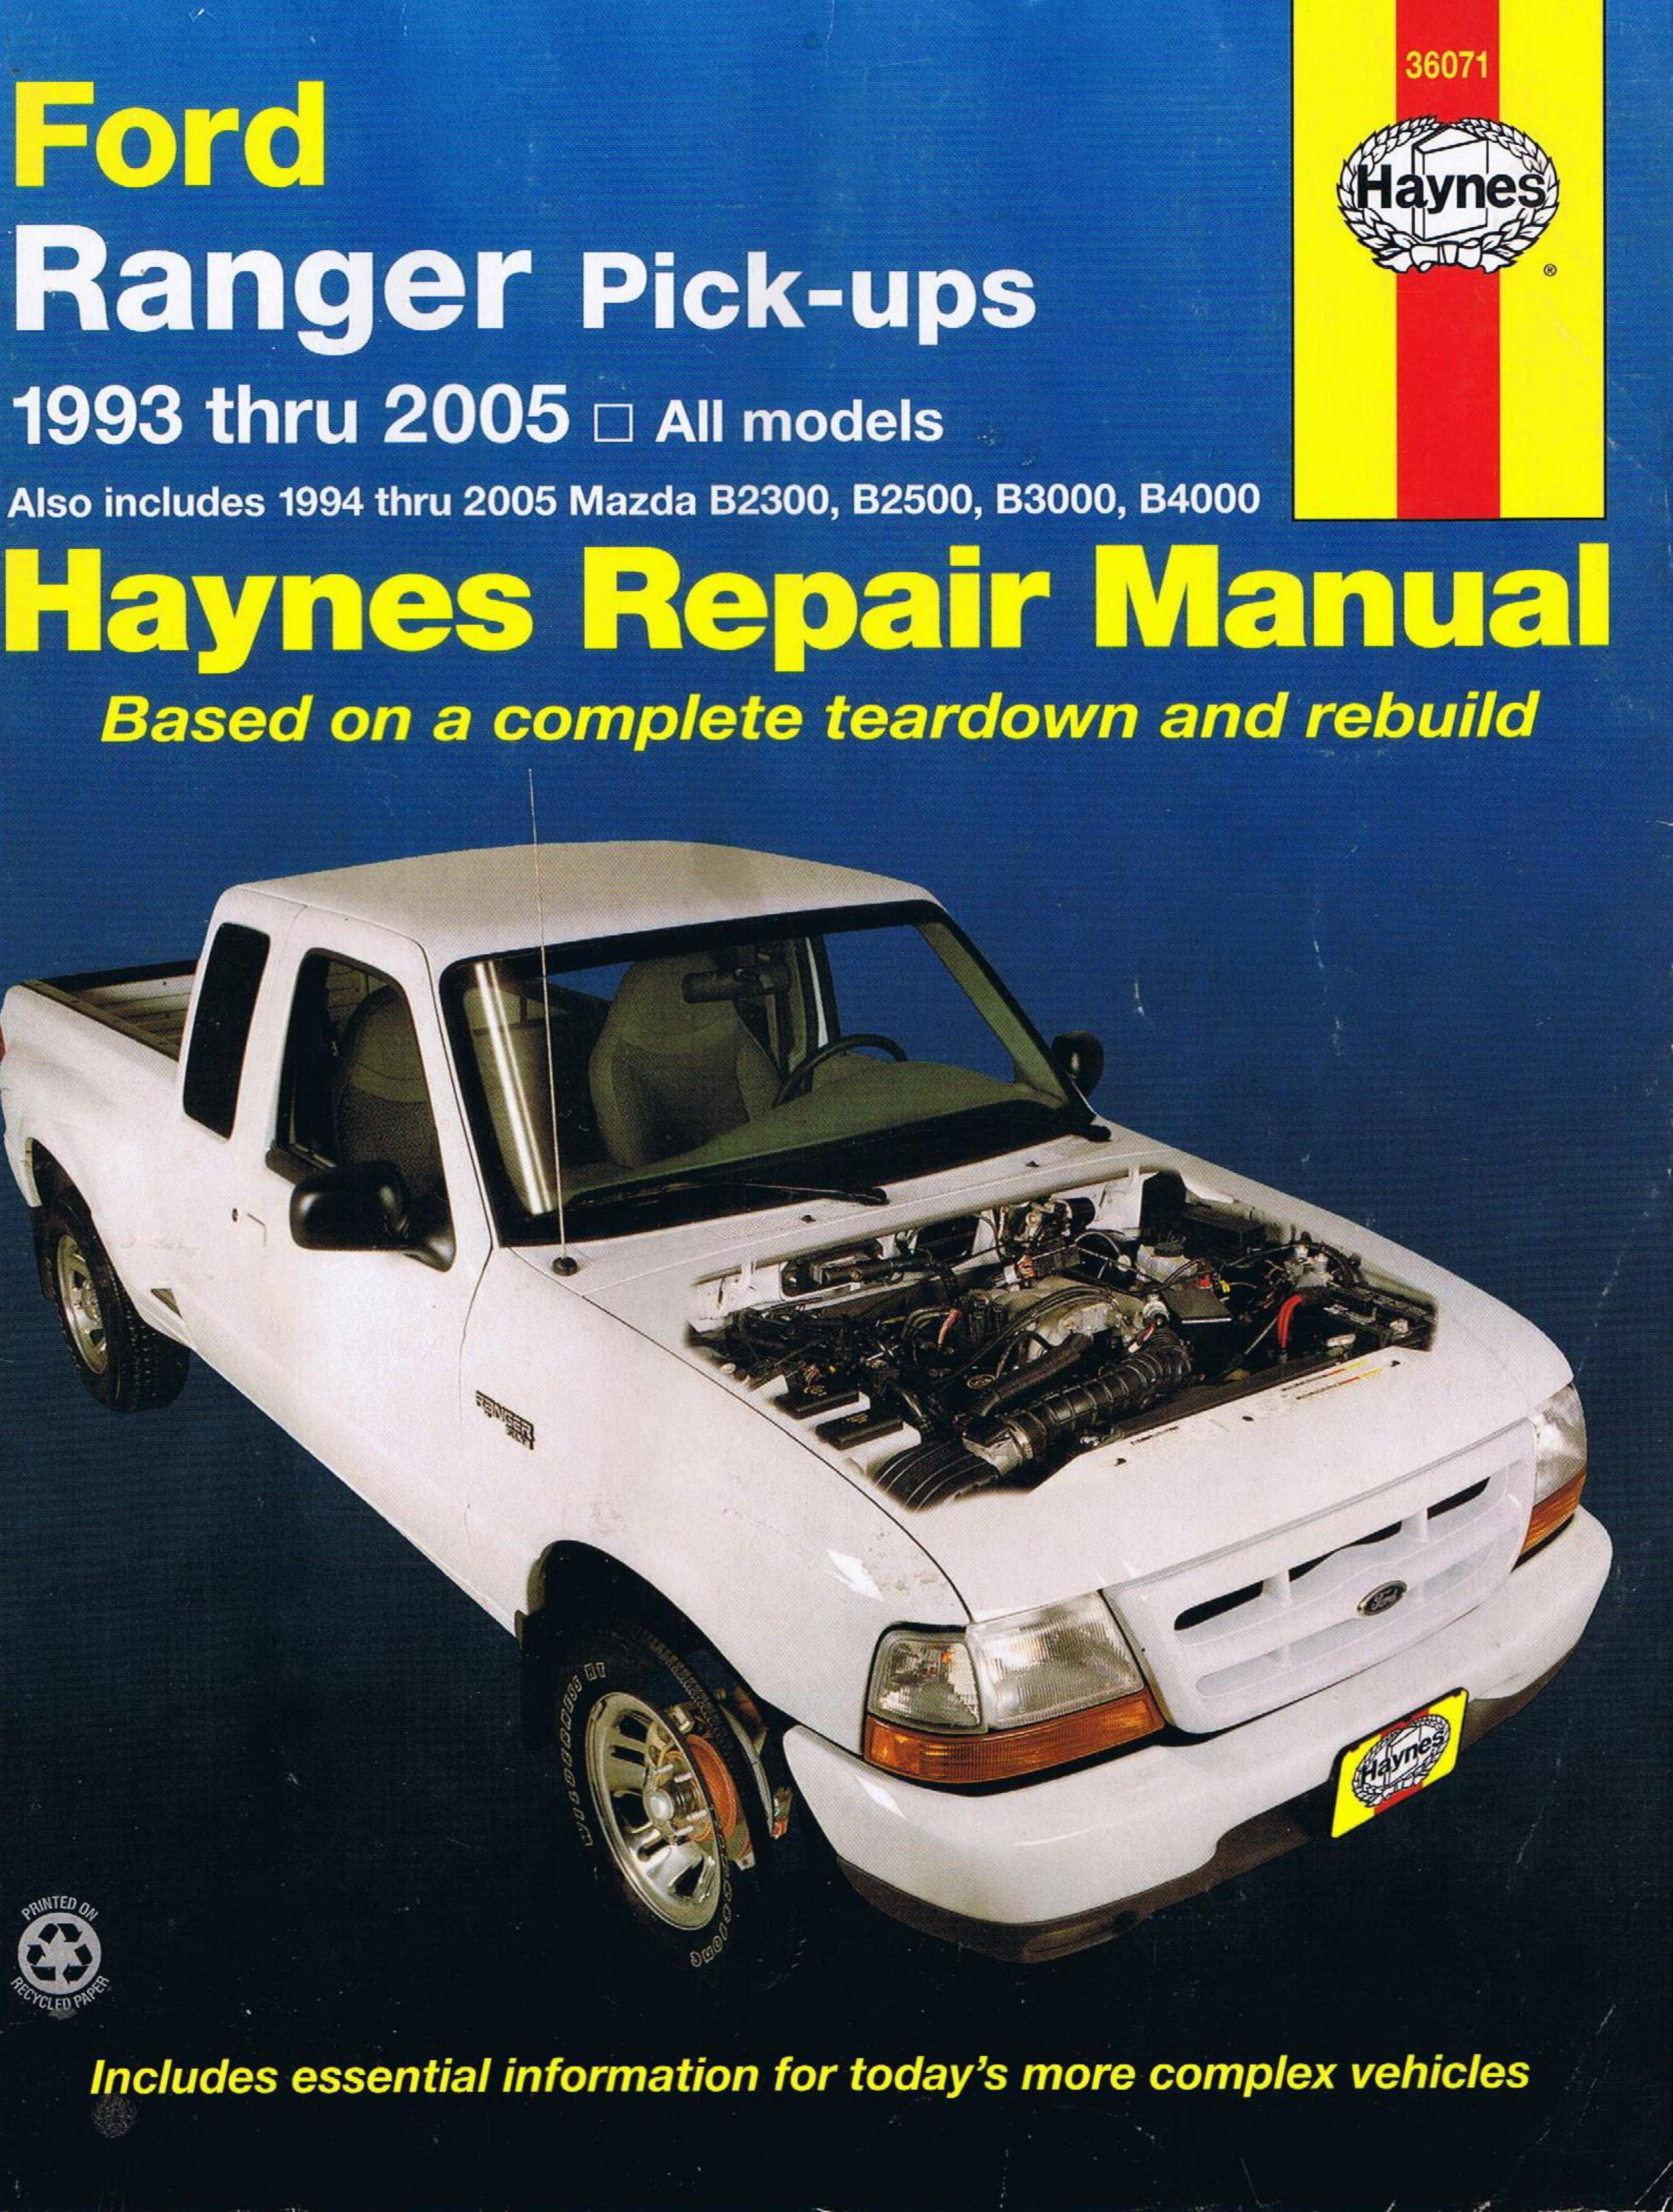 medium resolution of ford ranger 1993 2005 service manual pdf